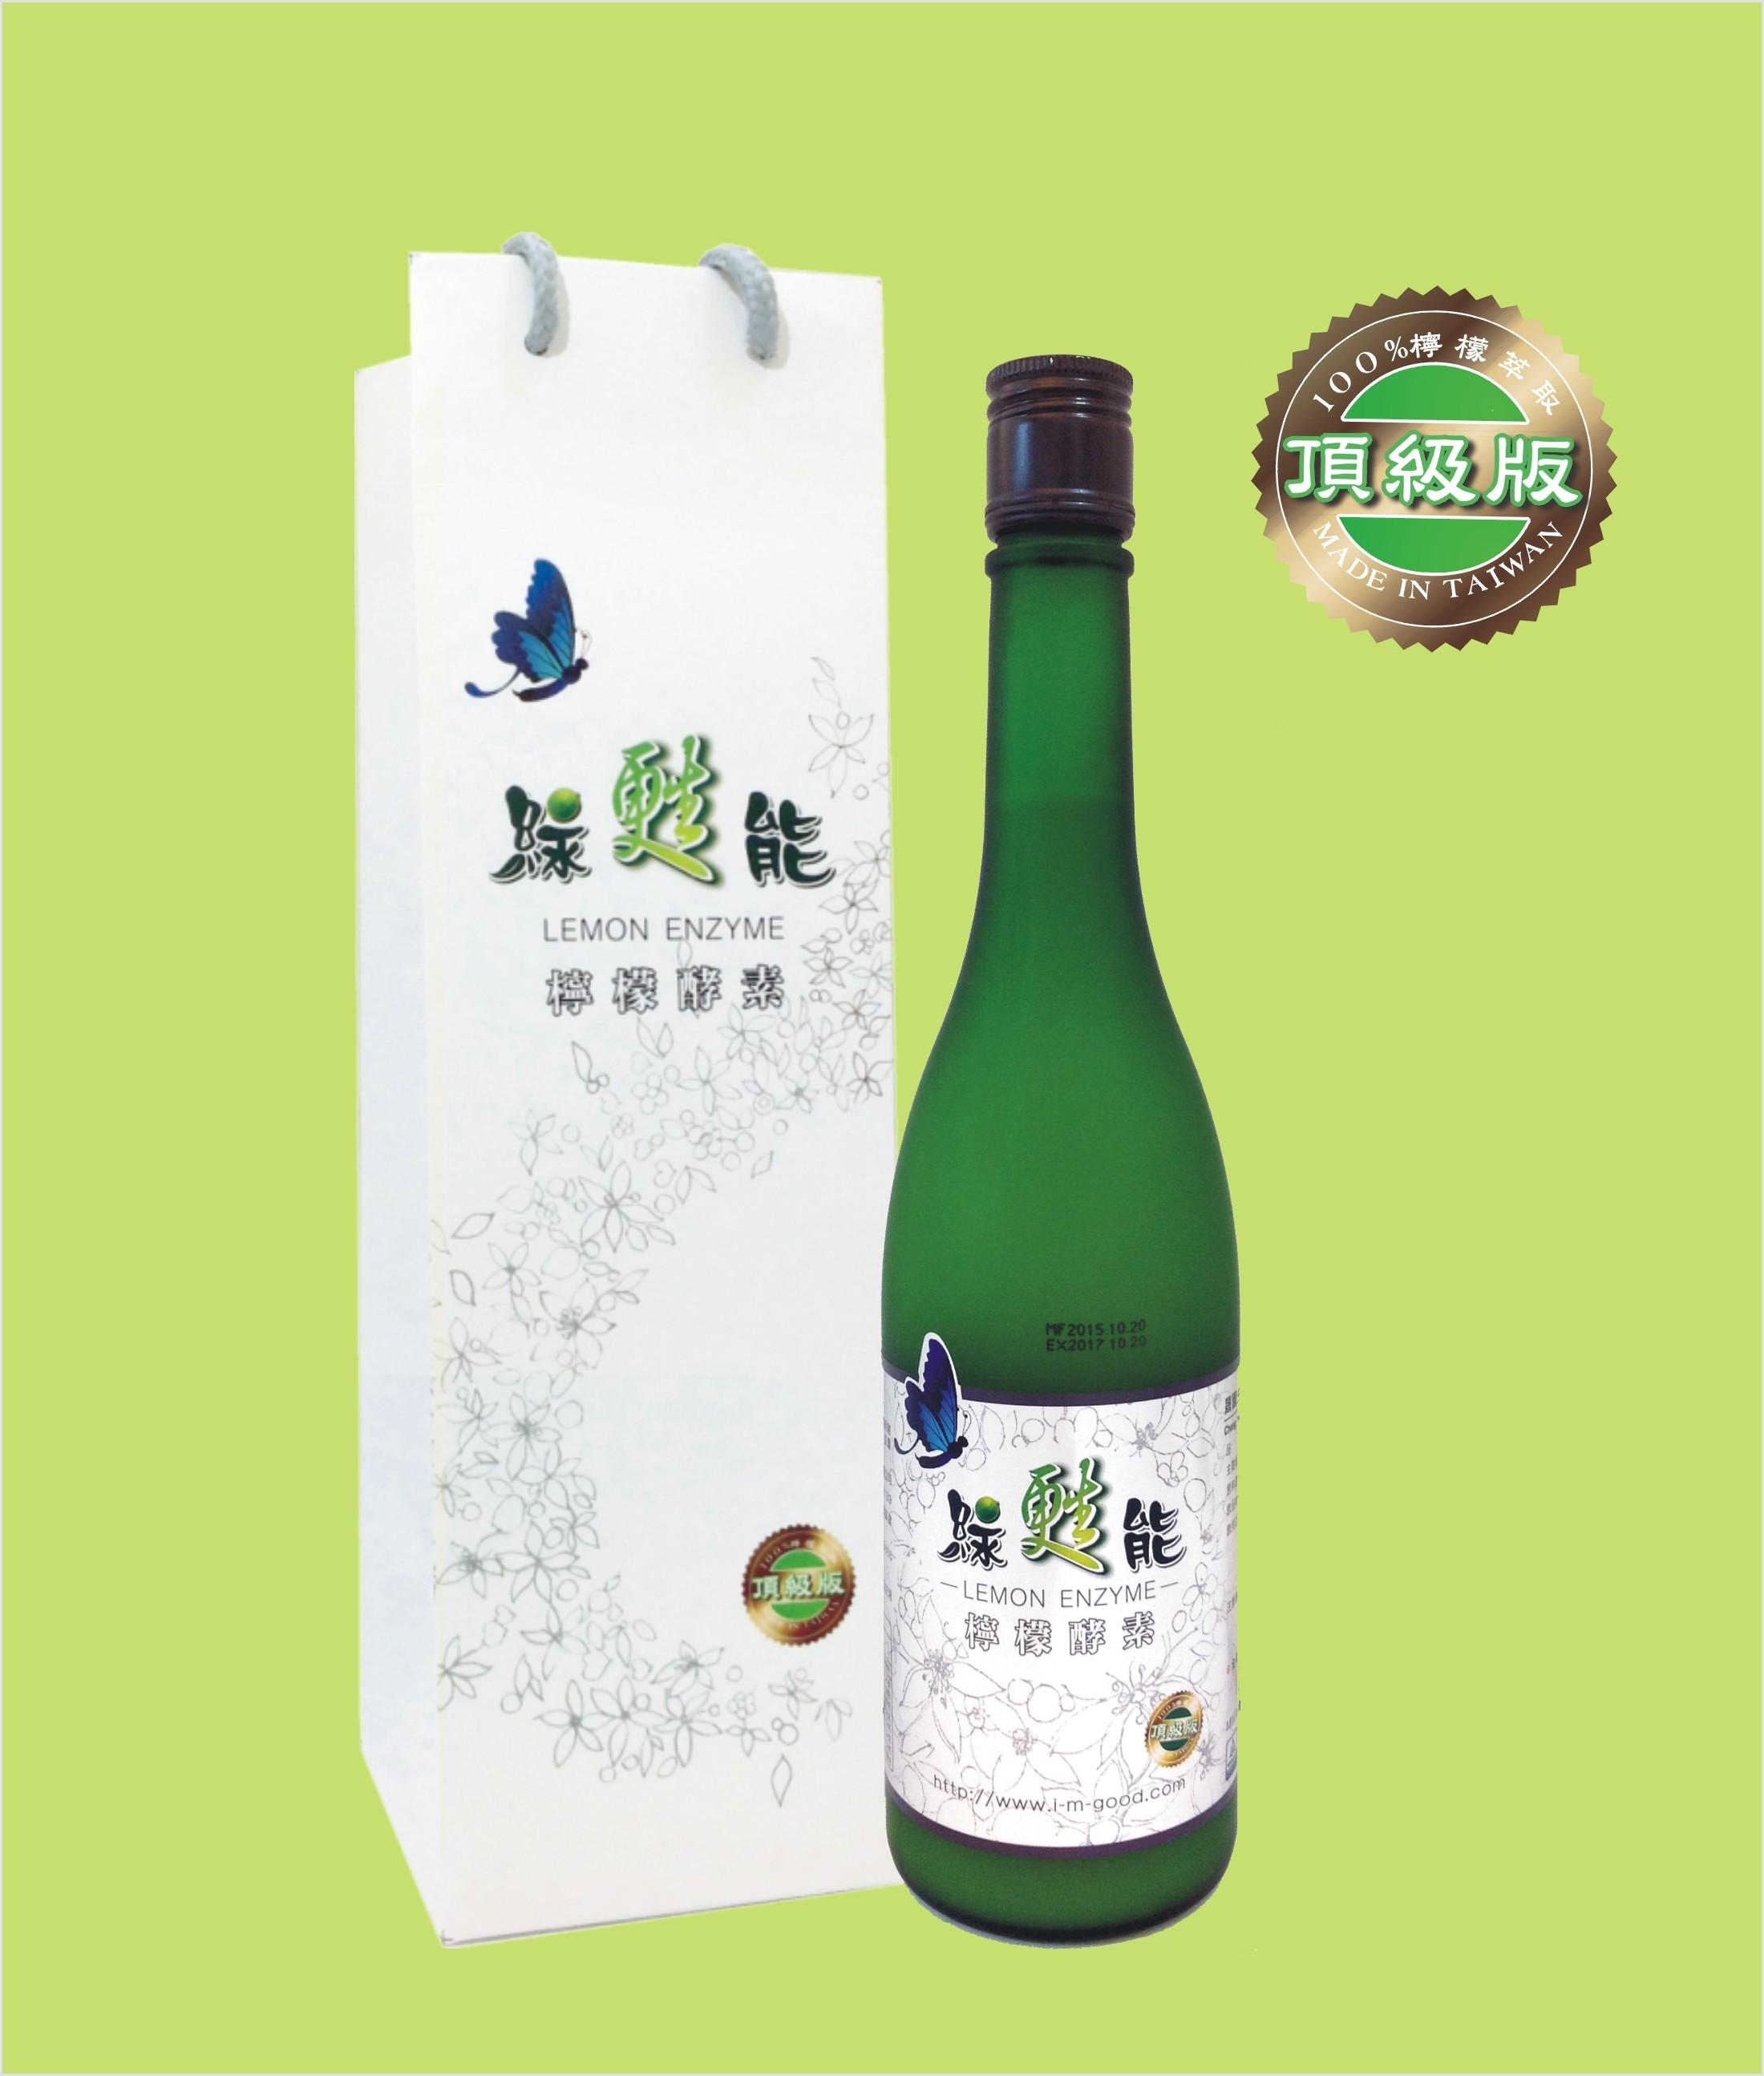 綠甦能檸檬酵素